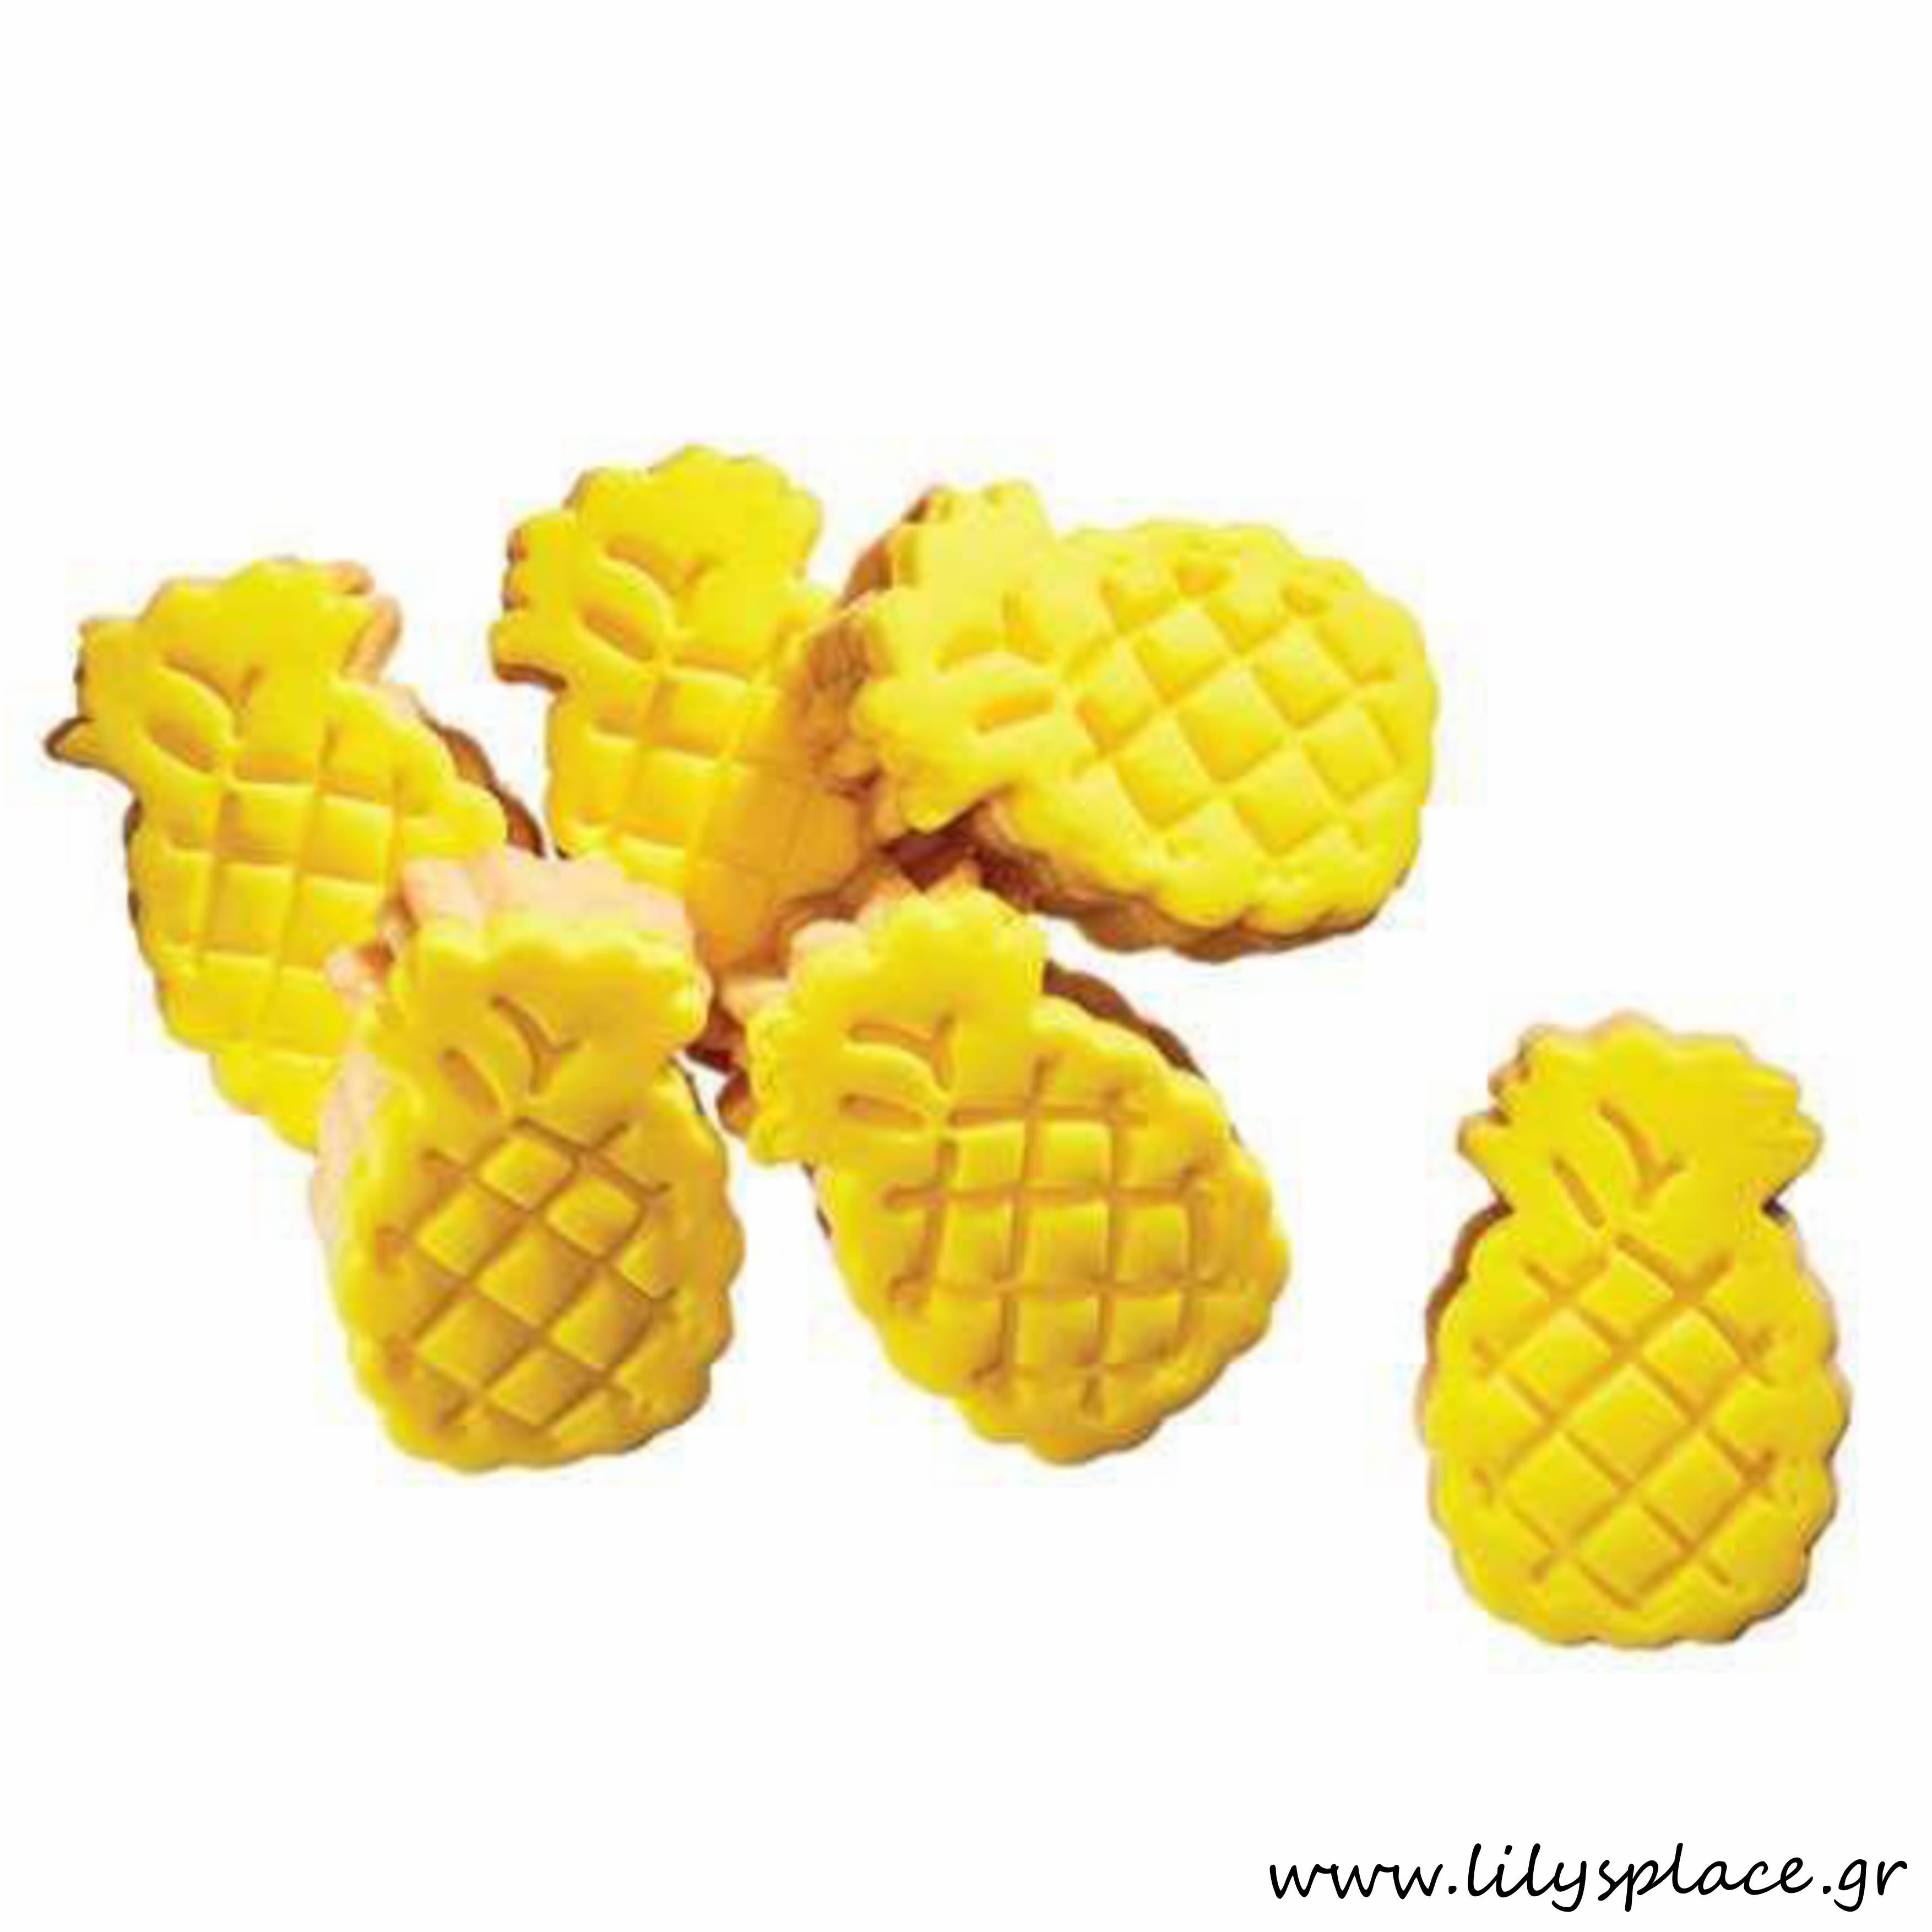 Μπισκότα βάπτισης μπουκίτσες κιλού ανανάς